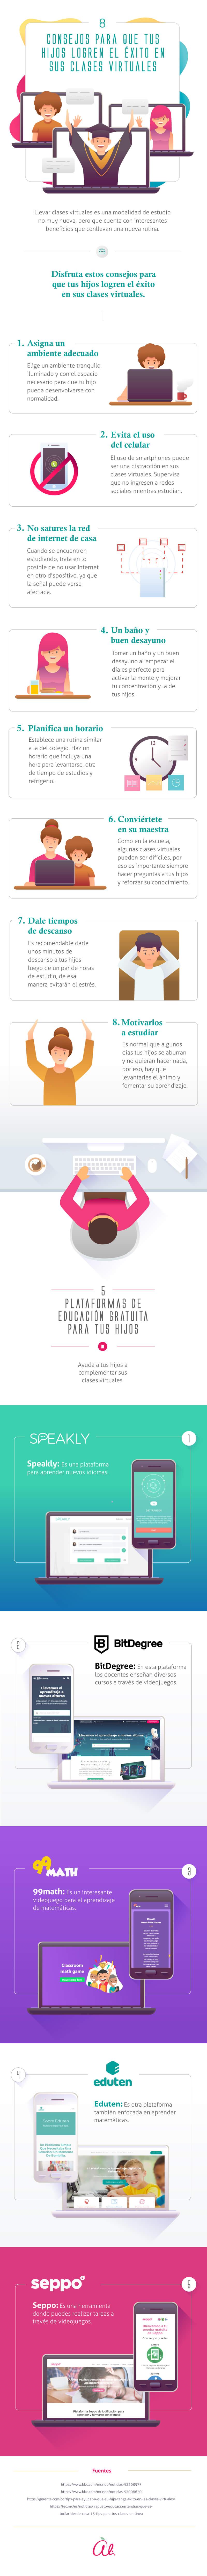 Clases virtuales para niños - Infografía